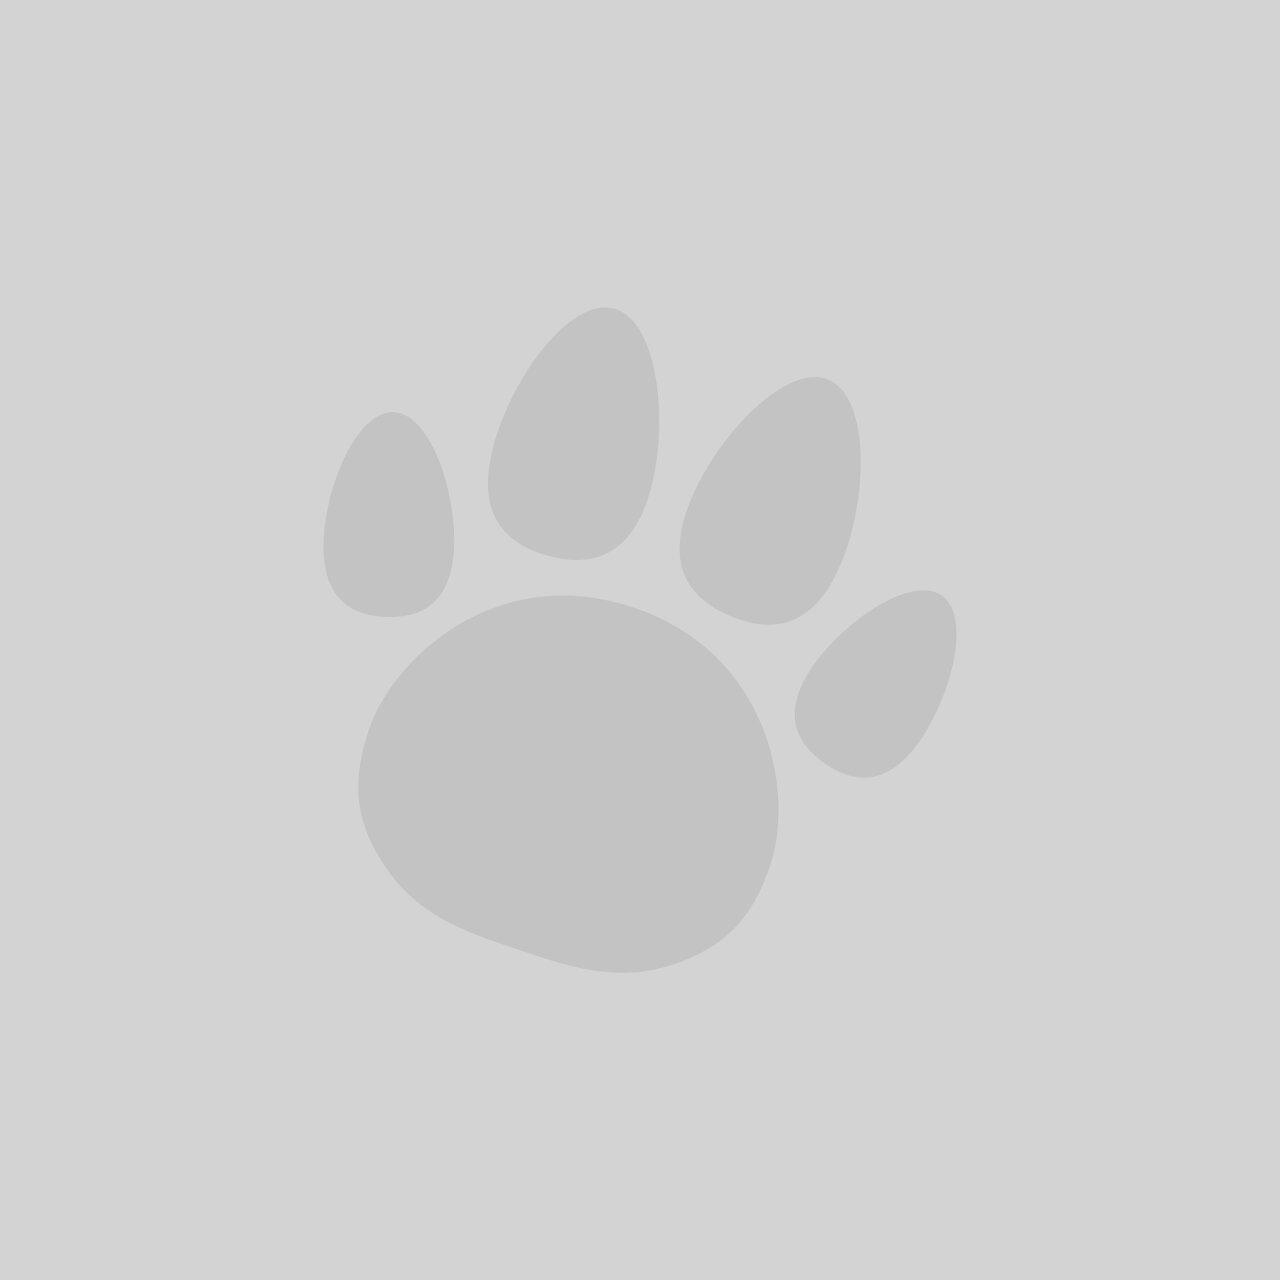 Kong Yarnimals Dog Extra Small/Small